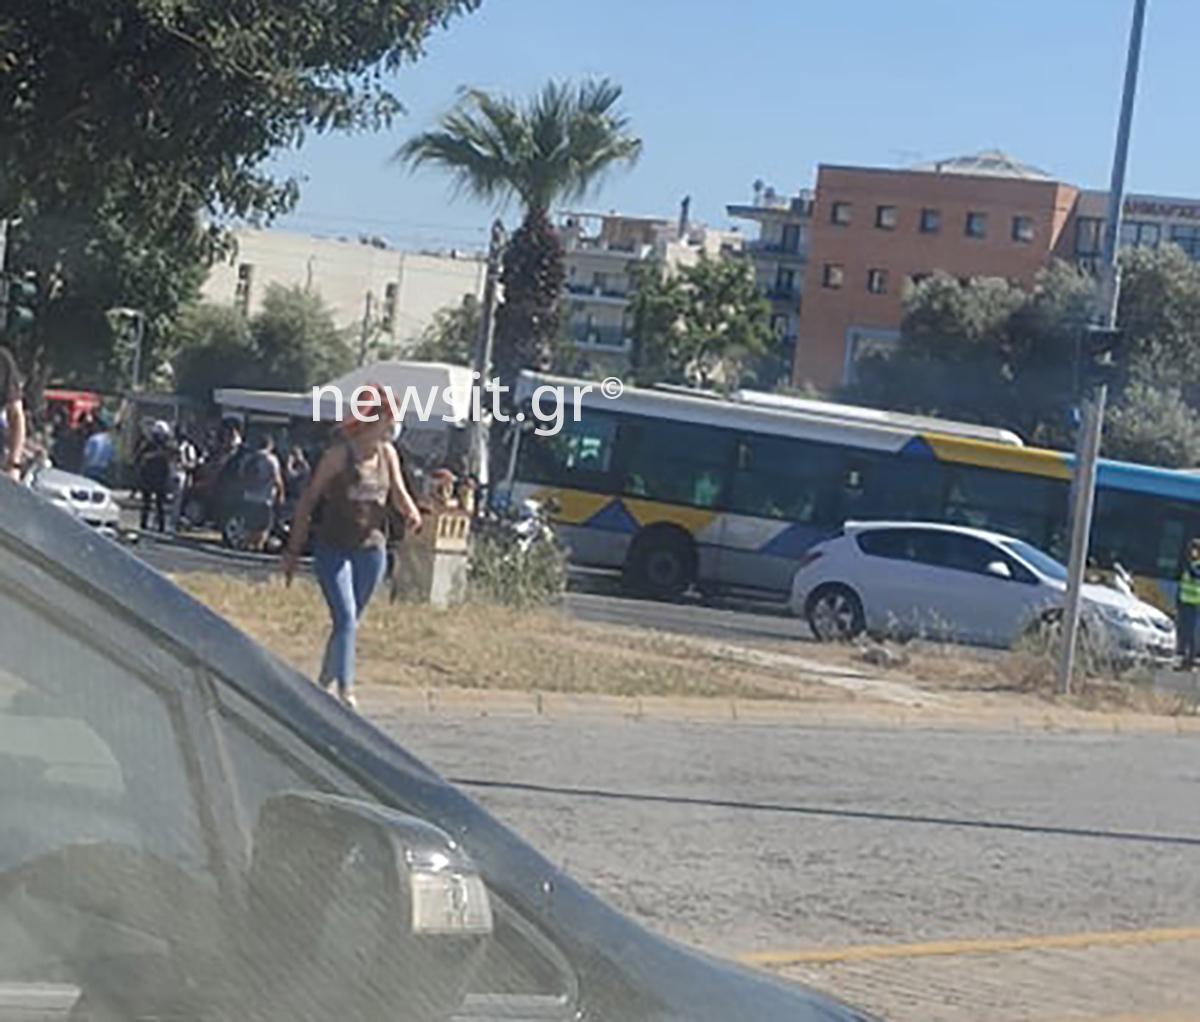 Τρελή κούρσα λεωφορείου στην λεωφόρο Καβάλας στο Παλατάκι (pics)